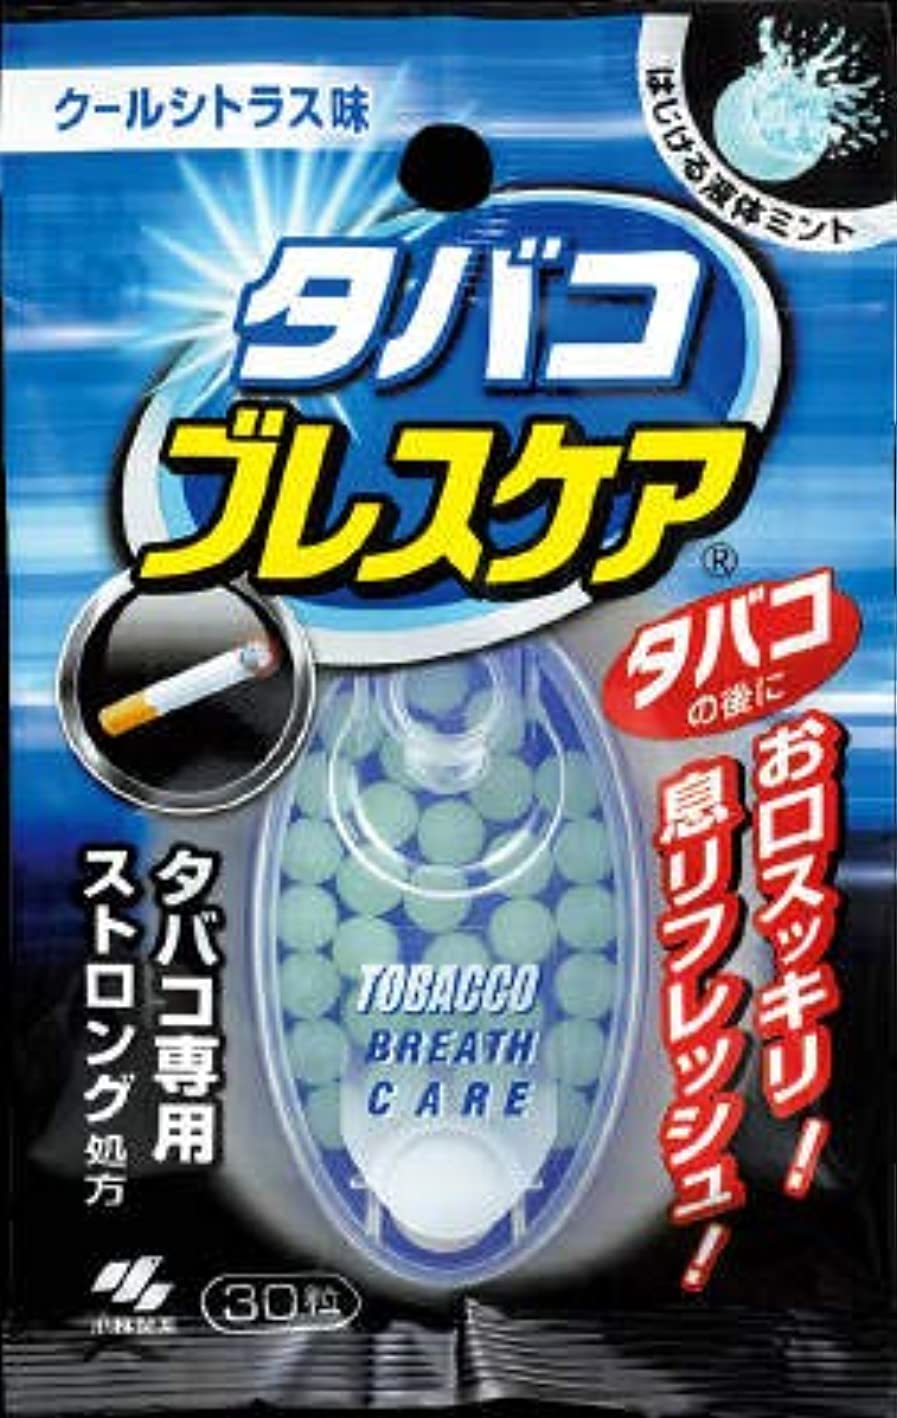 舗装想像力継続中【まとめ買い】タバコブレスケア 30粒 ×6個